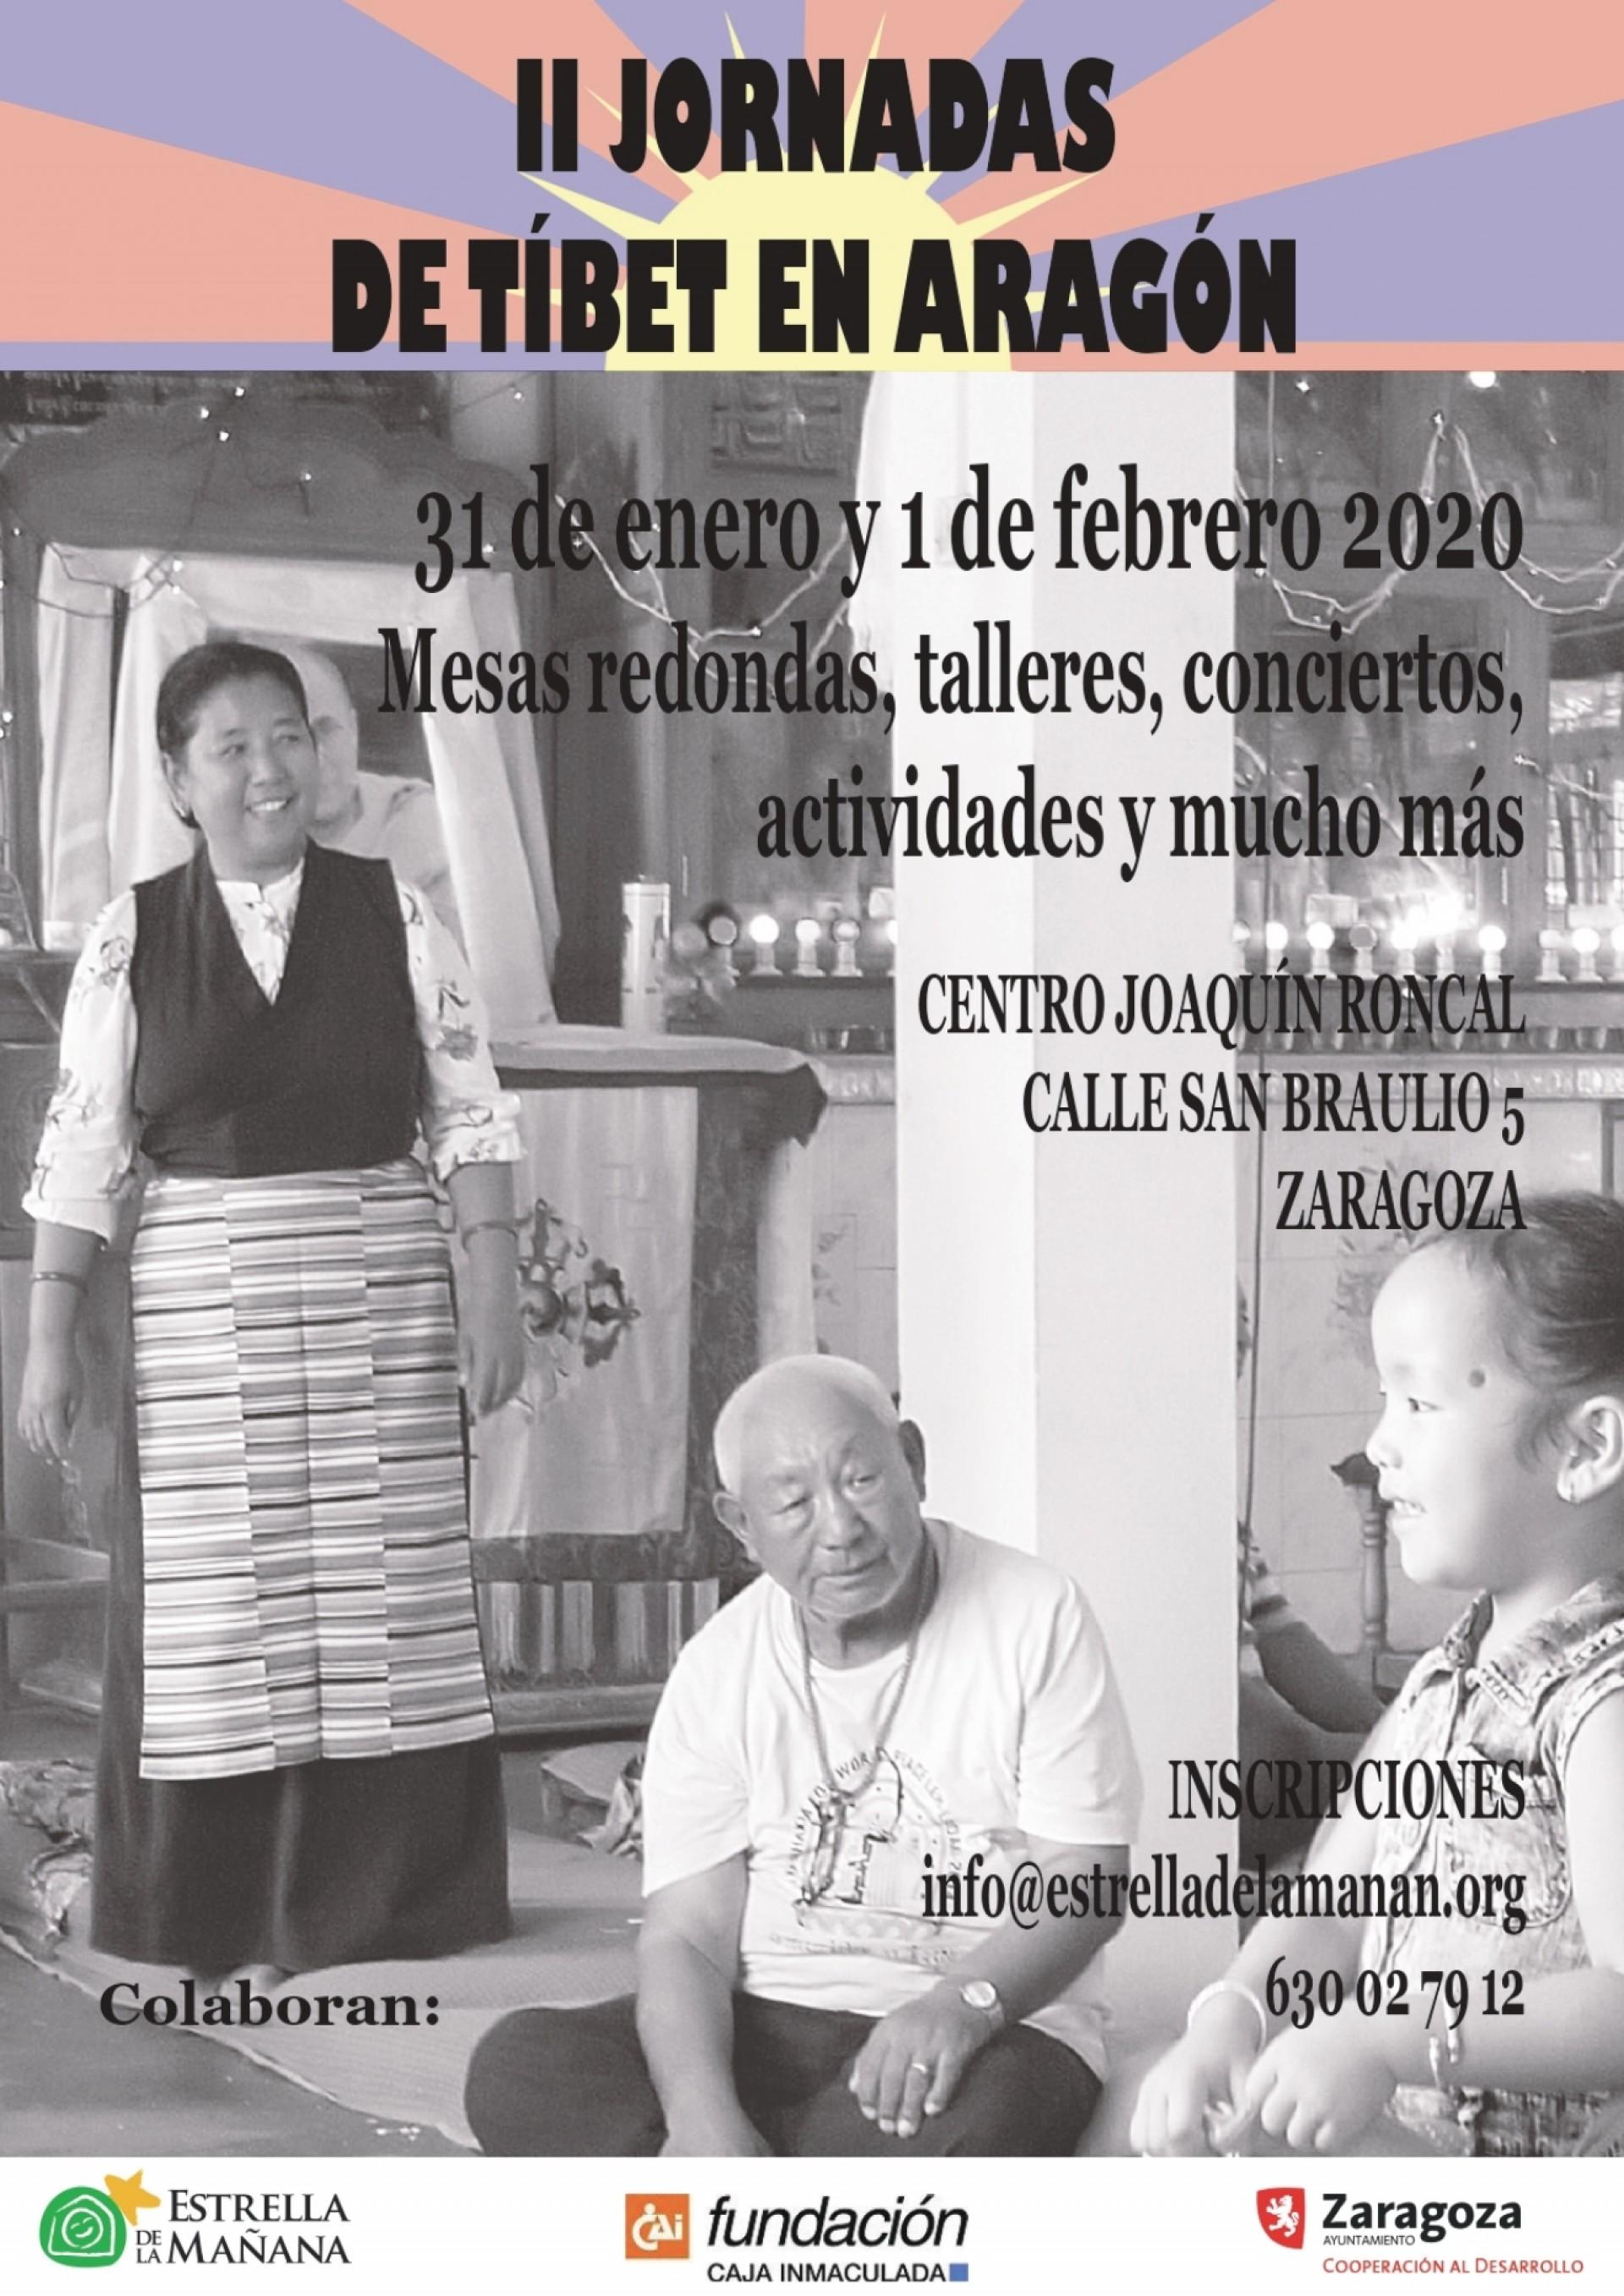 La ONG Estrella de la Mañana acerca el Tíbet a Zaragoza